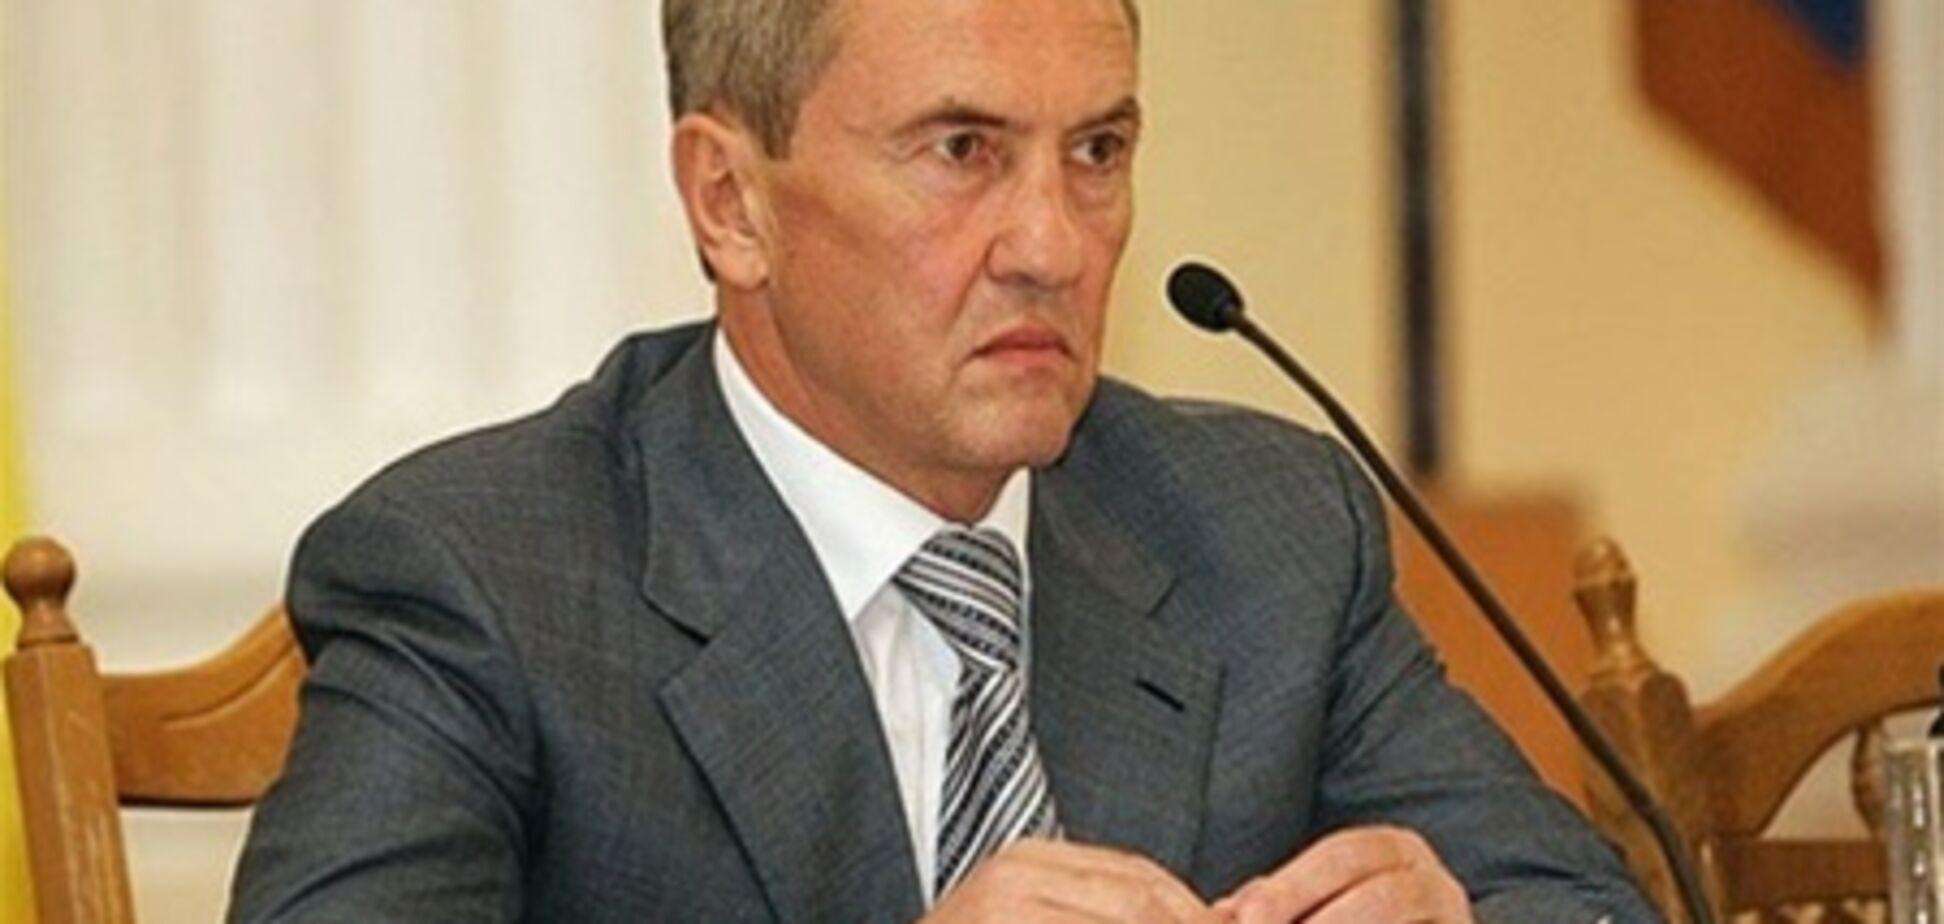 Черновецкий: должность мэра меня не возбуждает